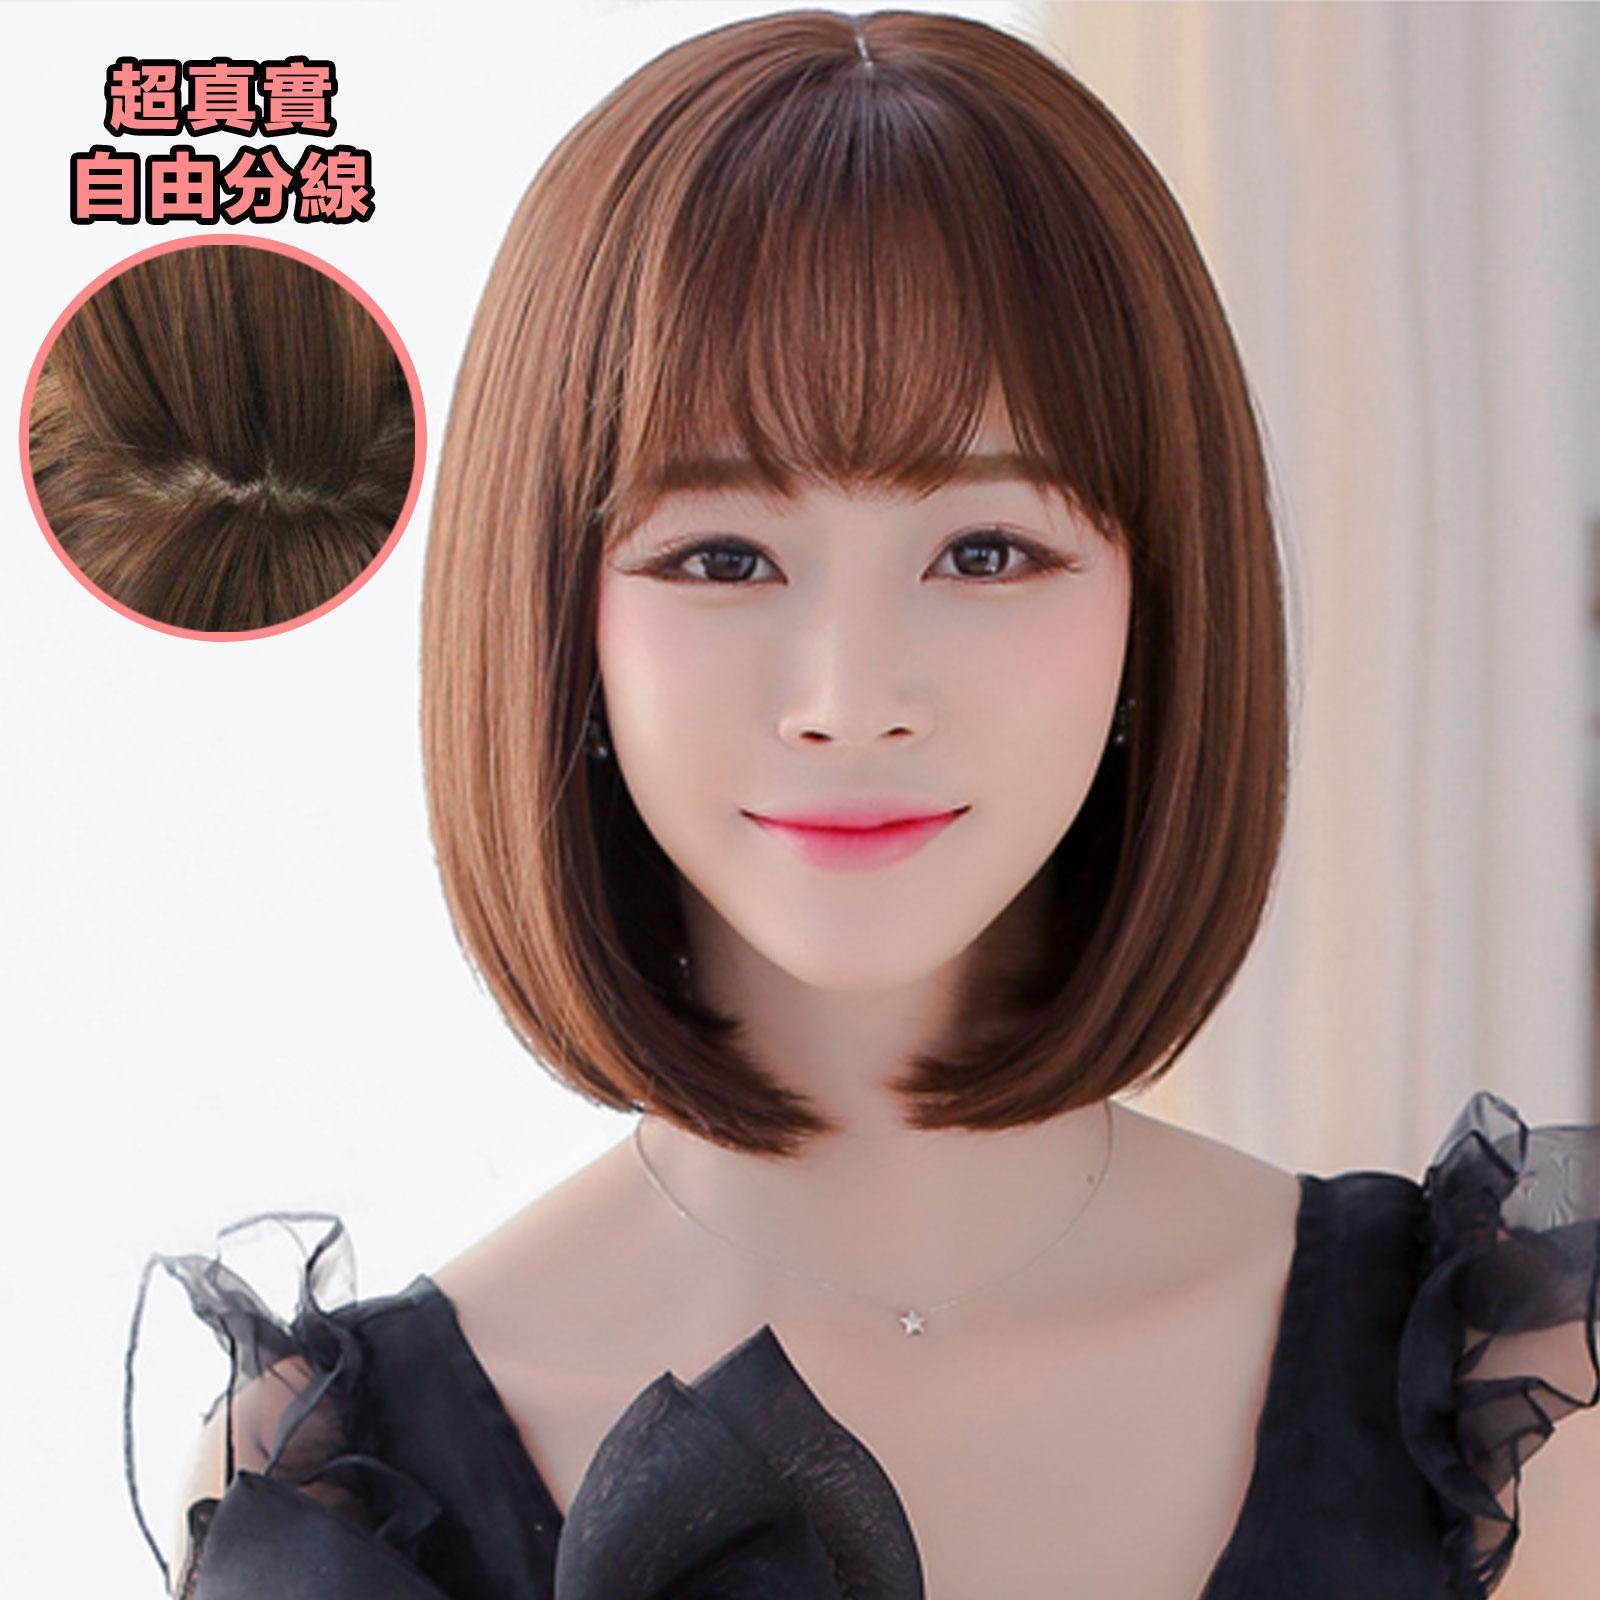 空氣瀏海 加長版BOBO短髮【MB237】高仿真超自然整頂假髮☆雙兒網☆ 1